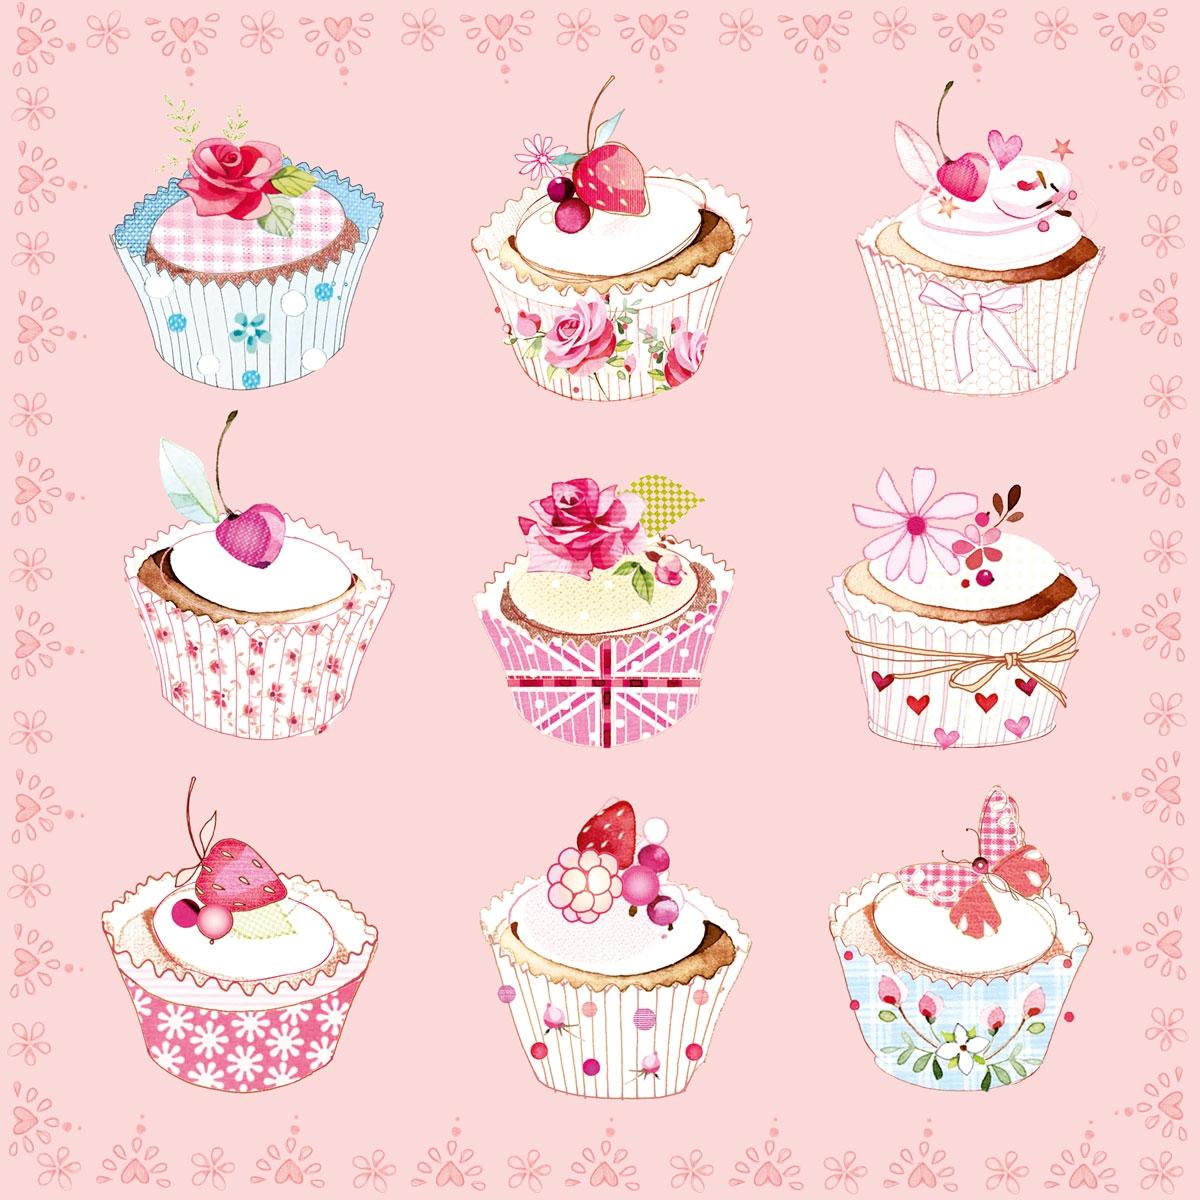 Servietten / Sonstige Blumen,  Essen - Kuchen / Keks,  Essen - Süßigkeiten,  Blumen -  Sonstige,  Everyday,  cocktail servietten,  Kirschen,  Rosen,  Schmetterling